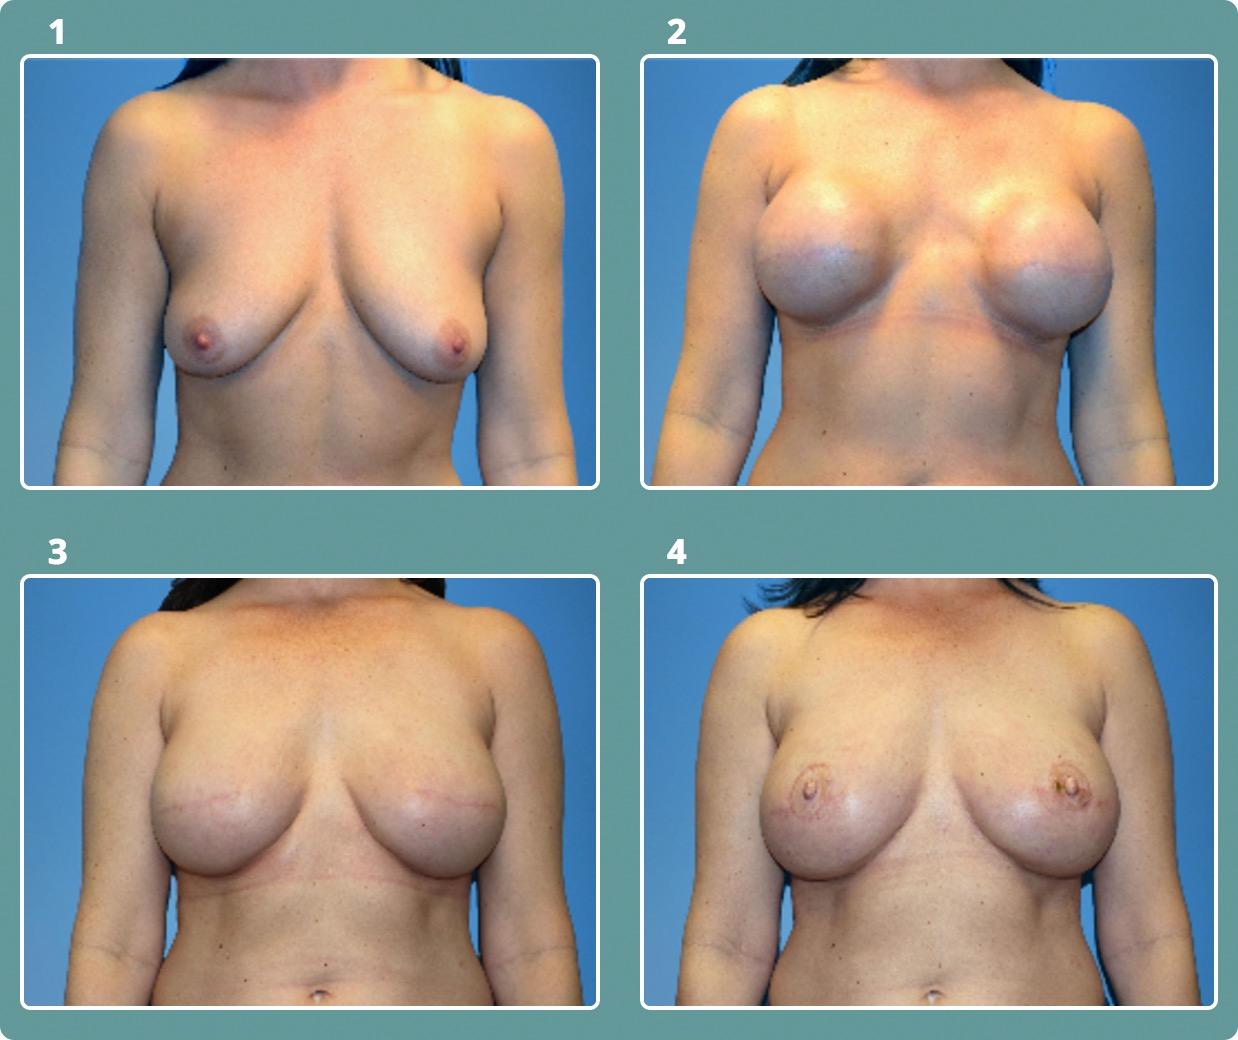 Patient 8, stages 1-4